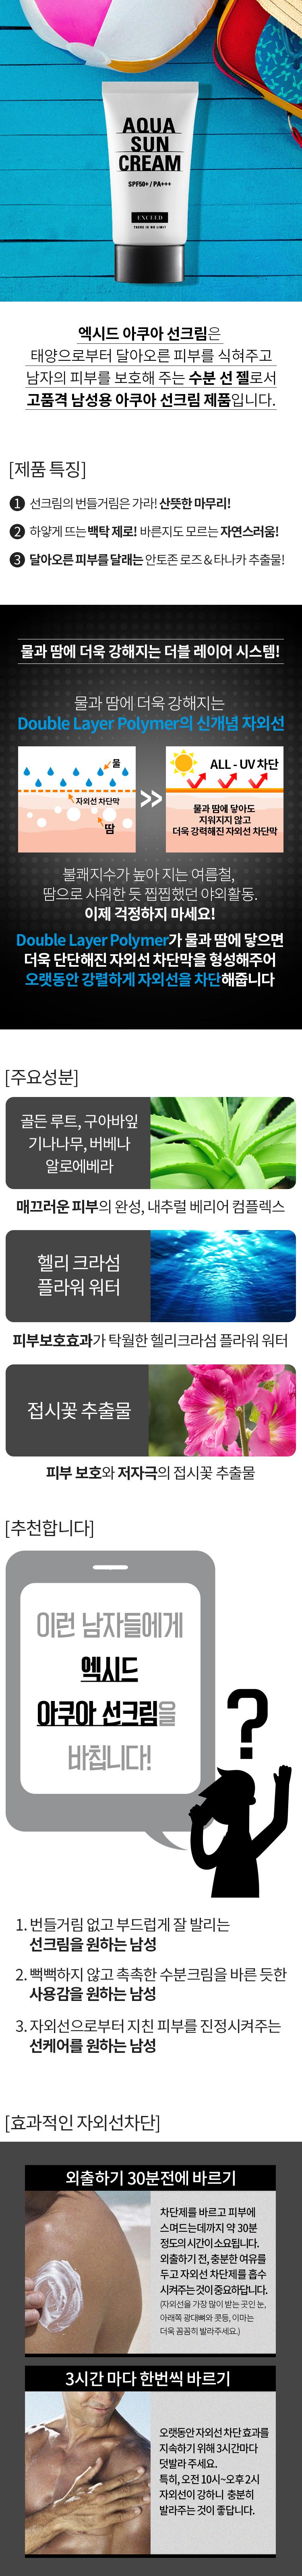 아쿠아 썬크림